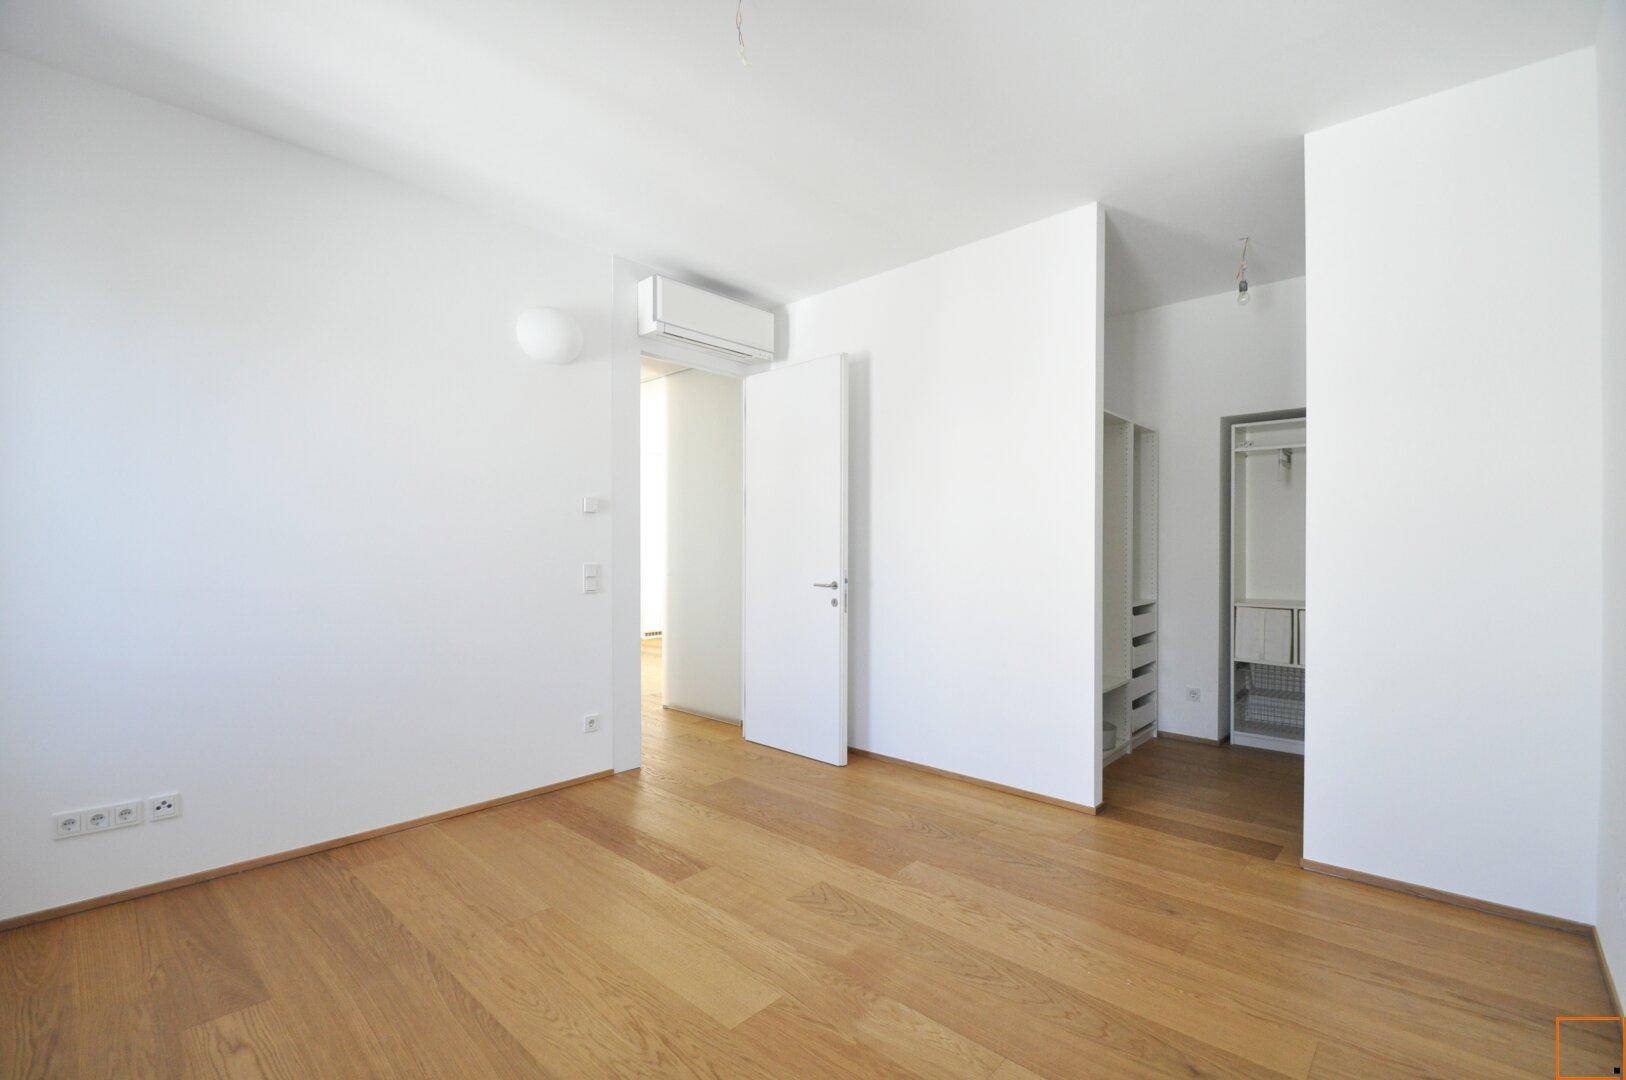 Schlafzimmer mit begehbarer Garderobe